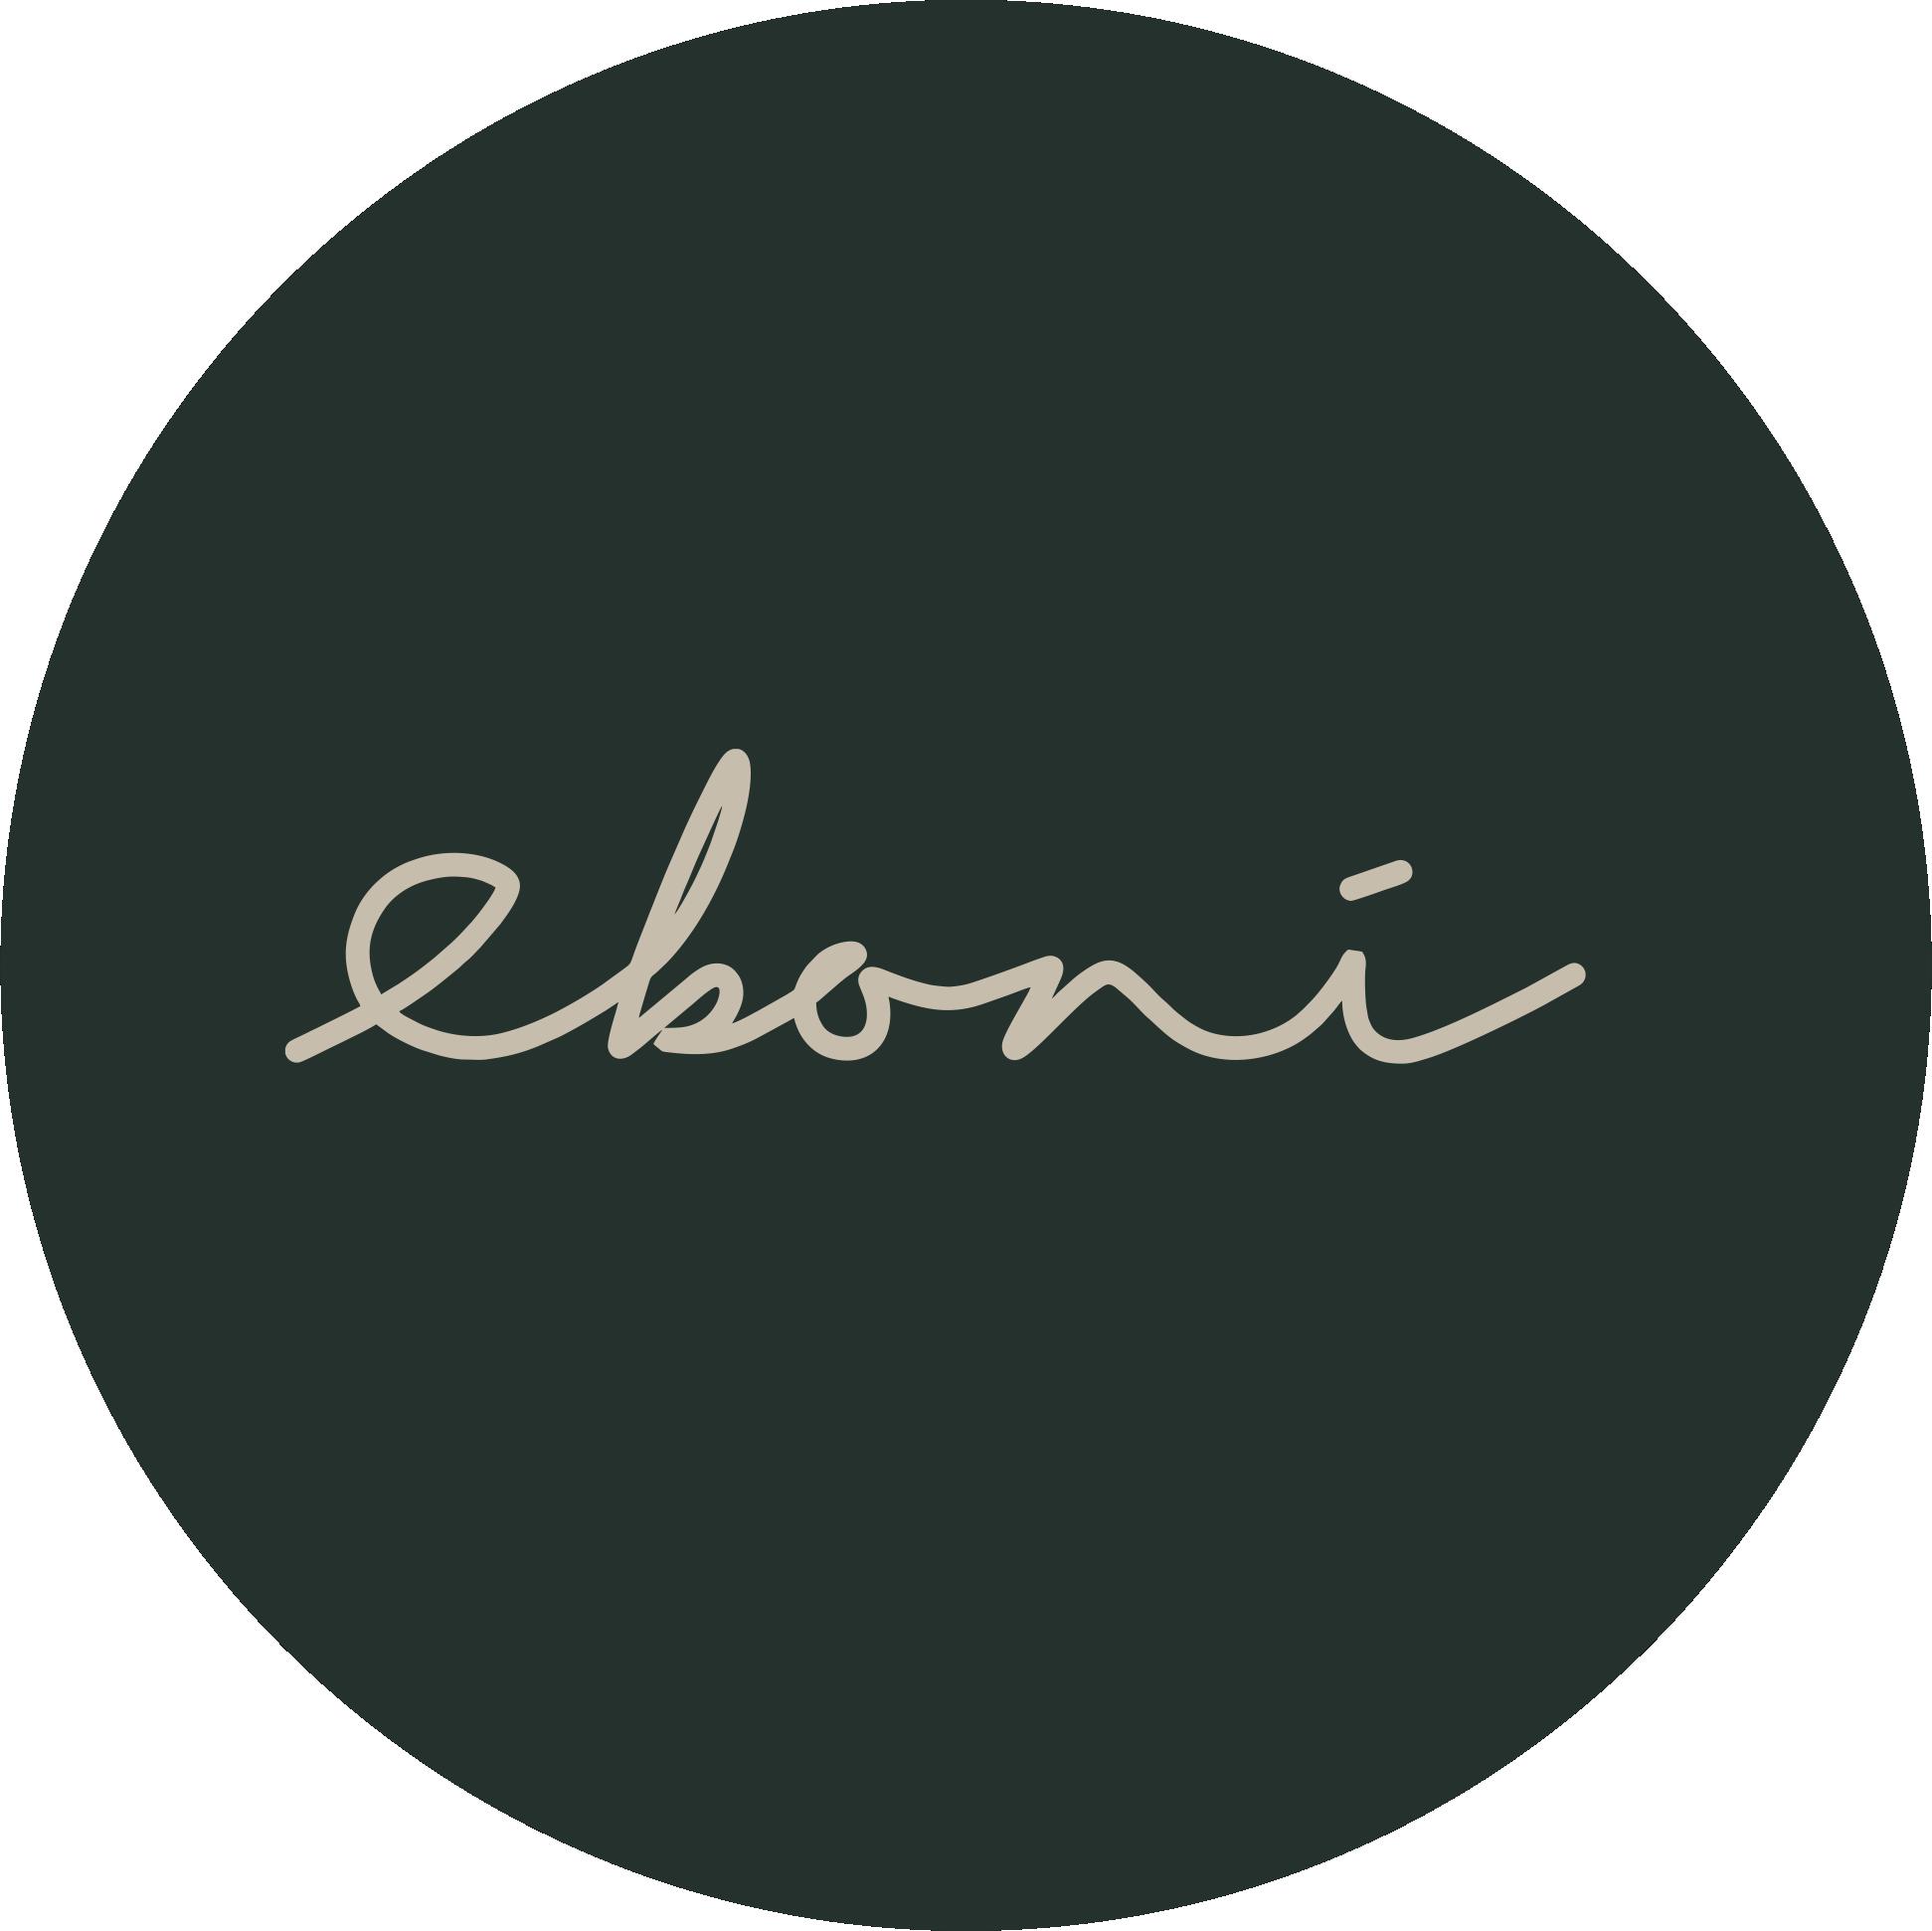 Eboni Watch